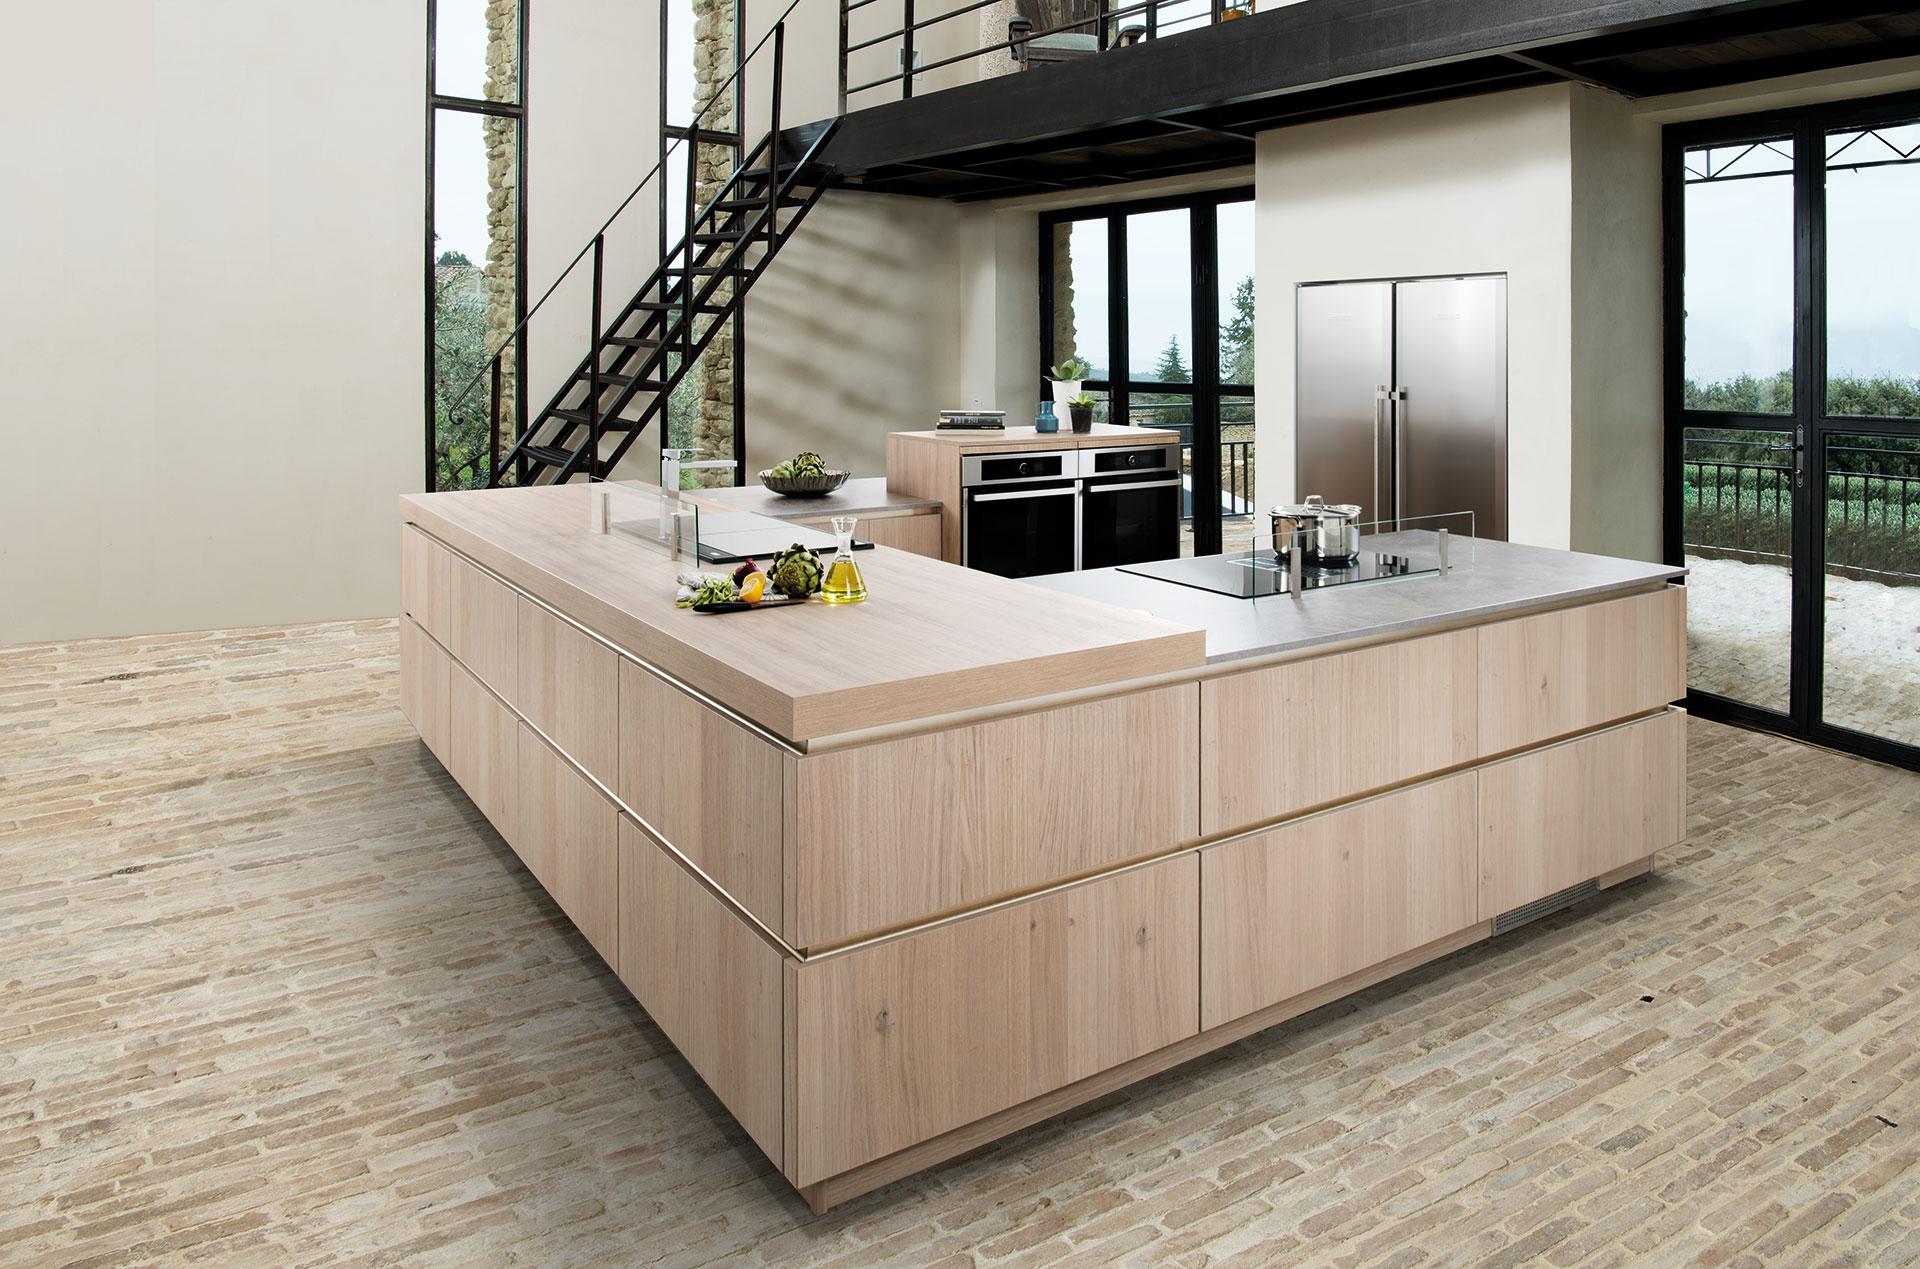 Cacher Plan De Travail Cuisine montrer ou cacher sa cuisine ouverte sur le salon ? | blog